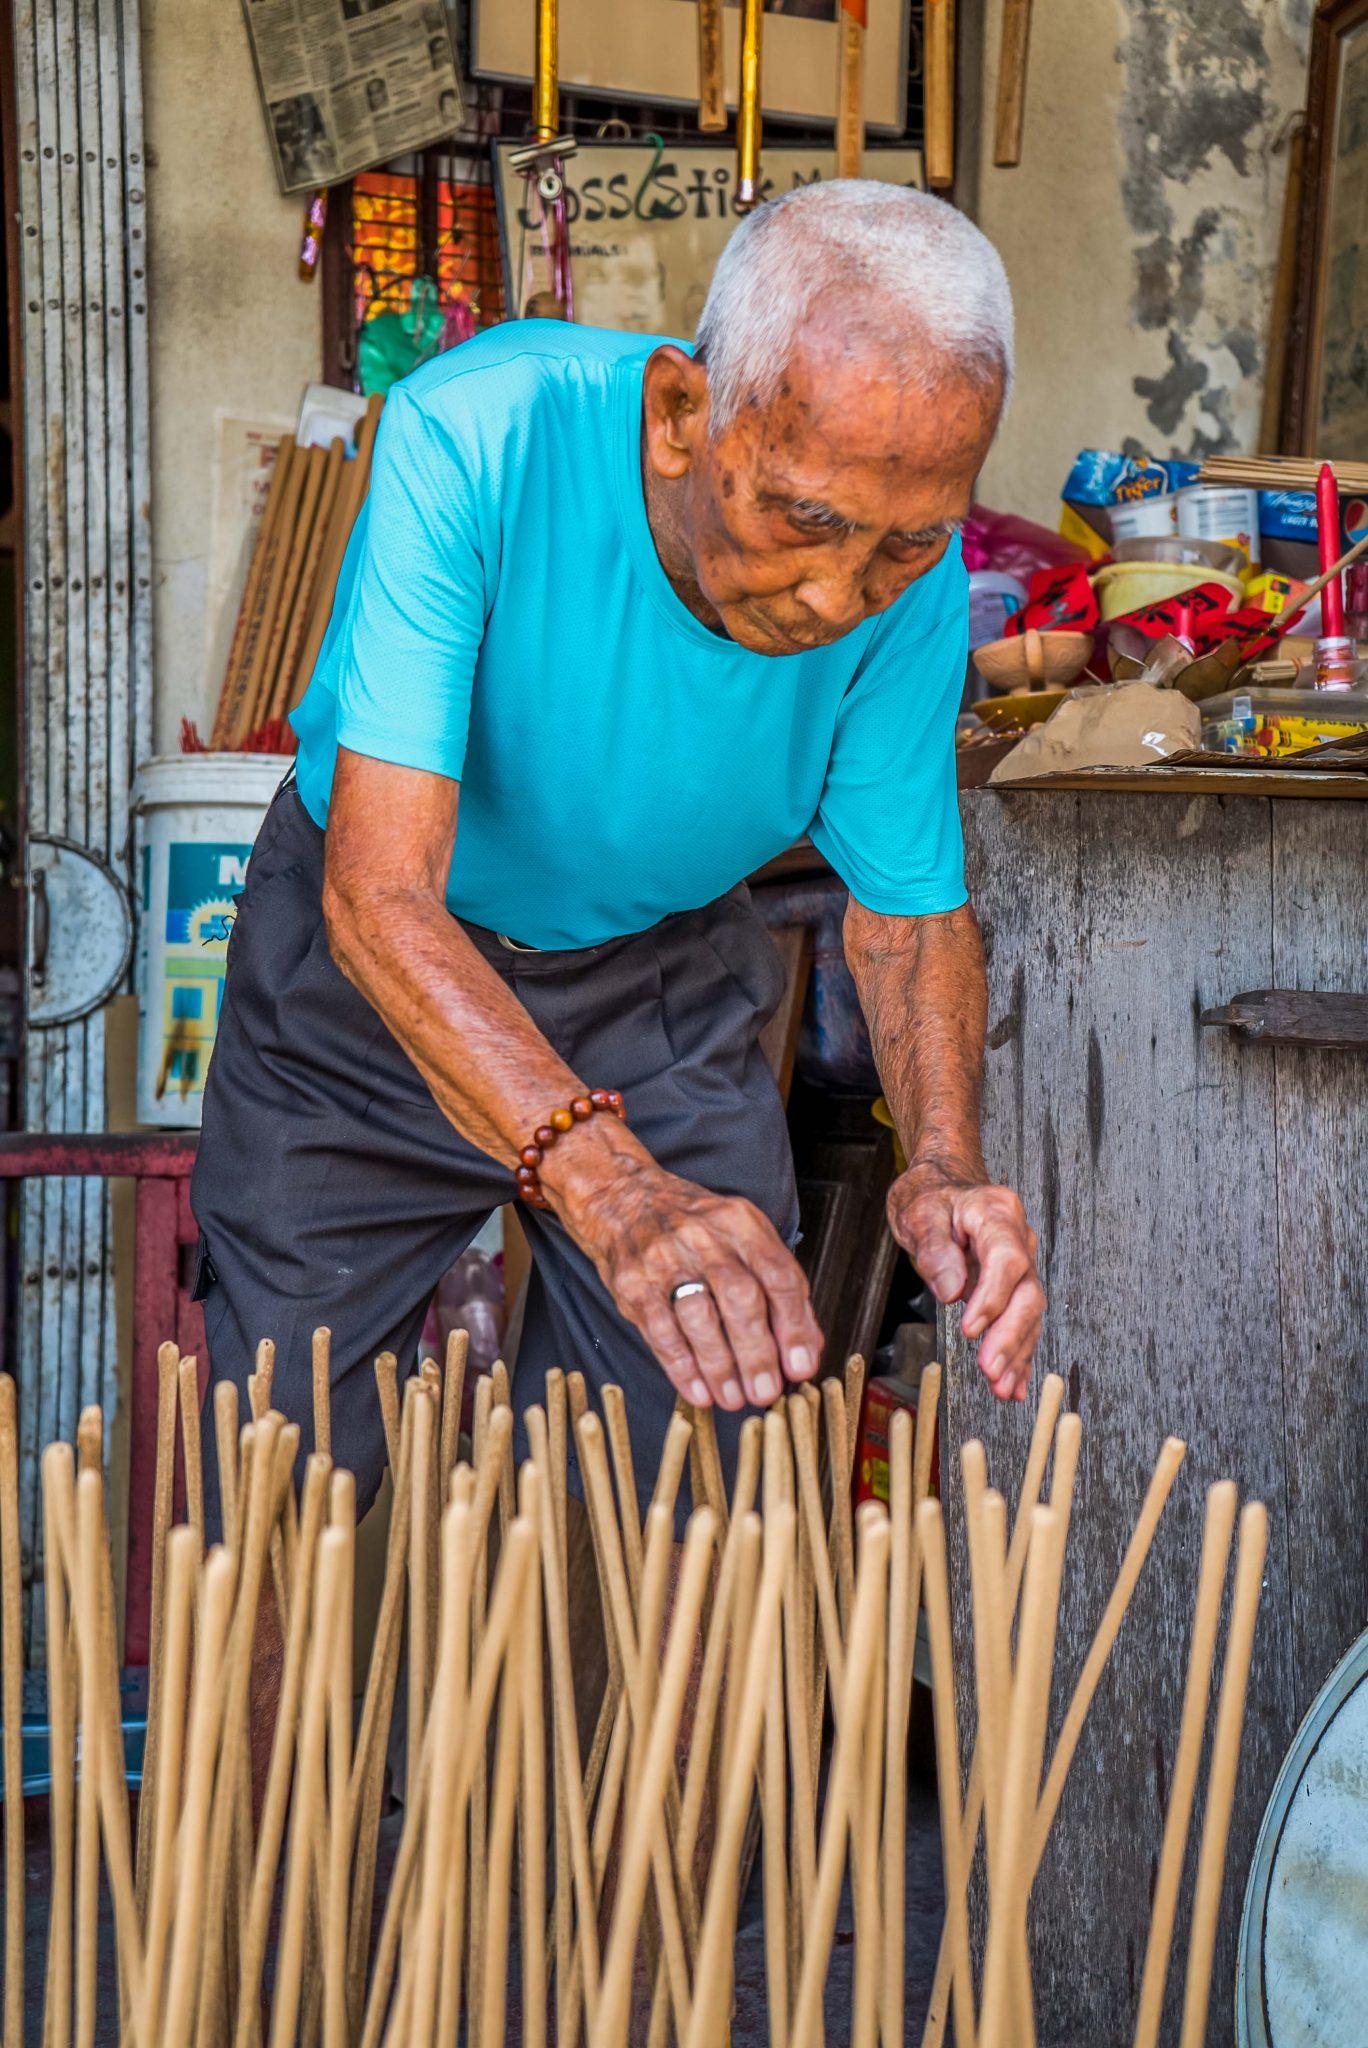 Lee Beng Chuan The Joss Stick Maker Penang